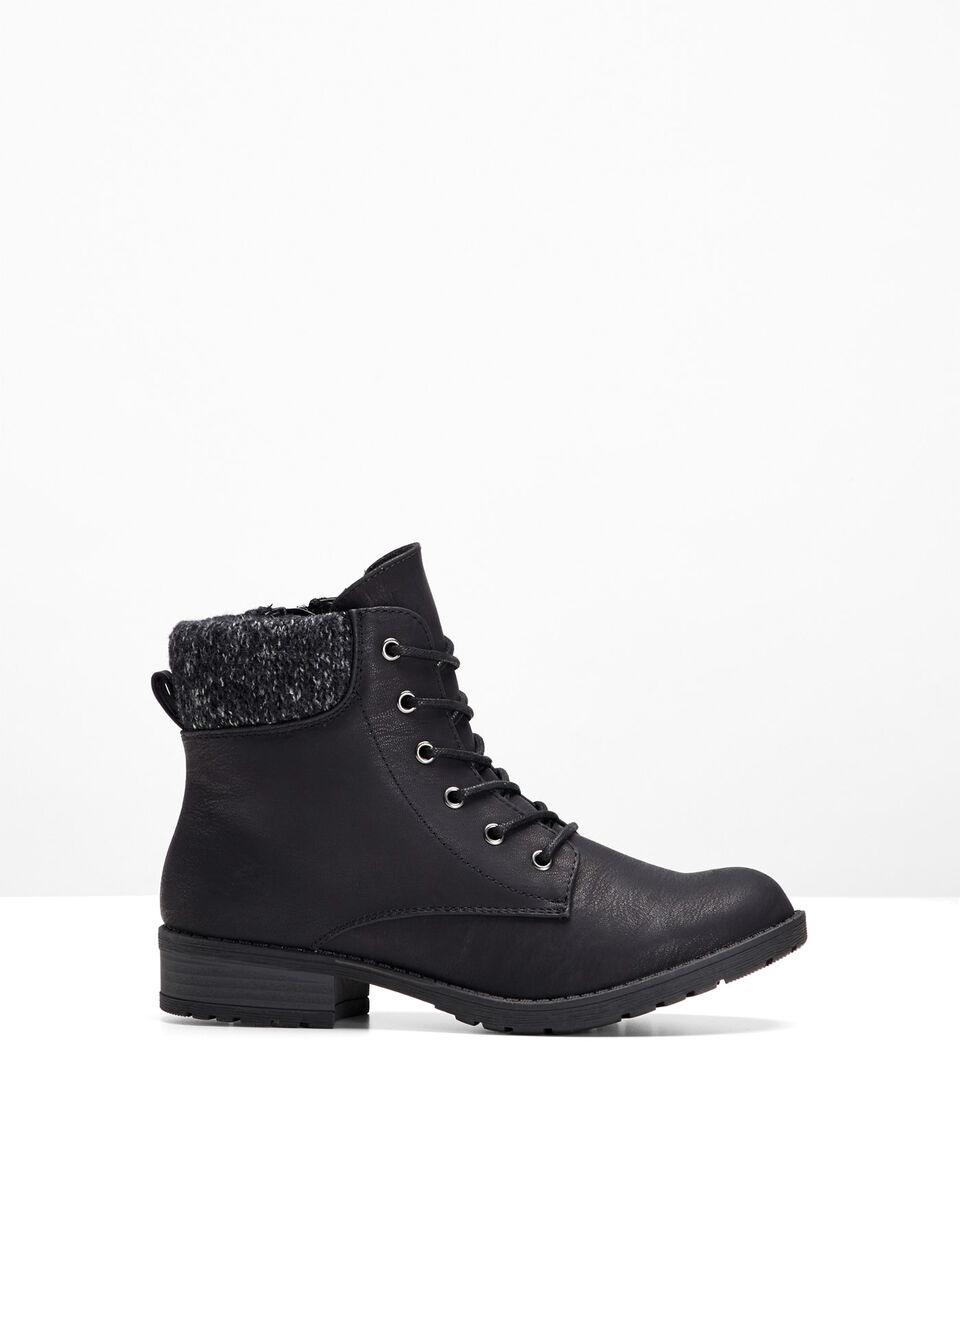 81fcf98d7 Krátke čižmy čierna Čižmy na šnurovanie • 27.99 € • bonprix